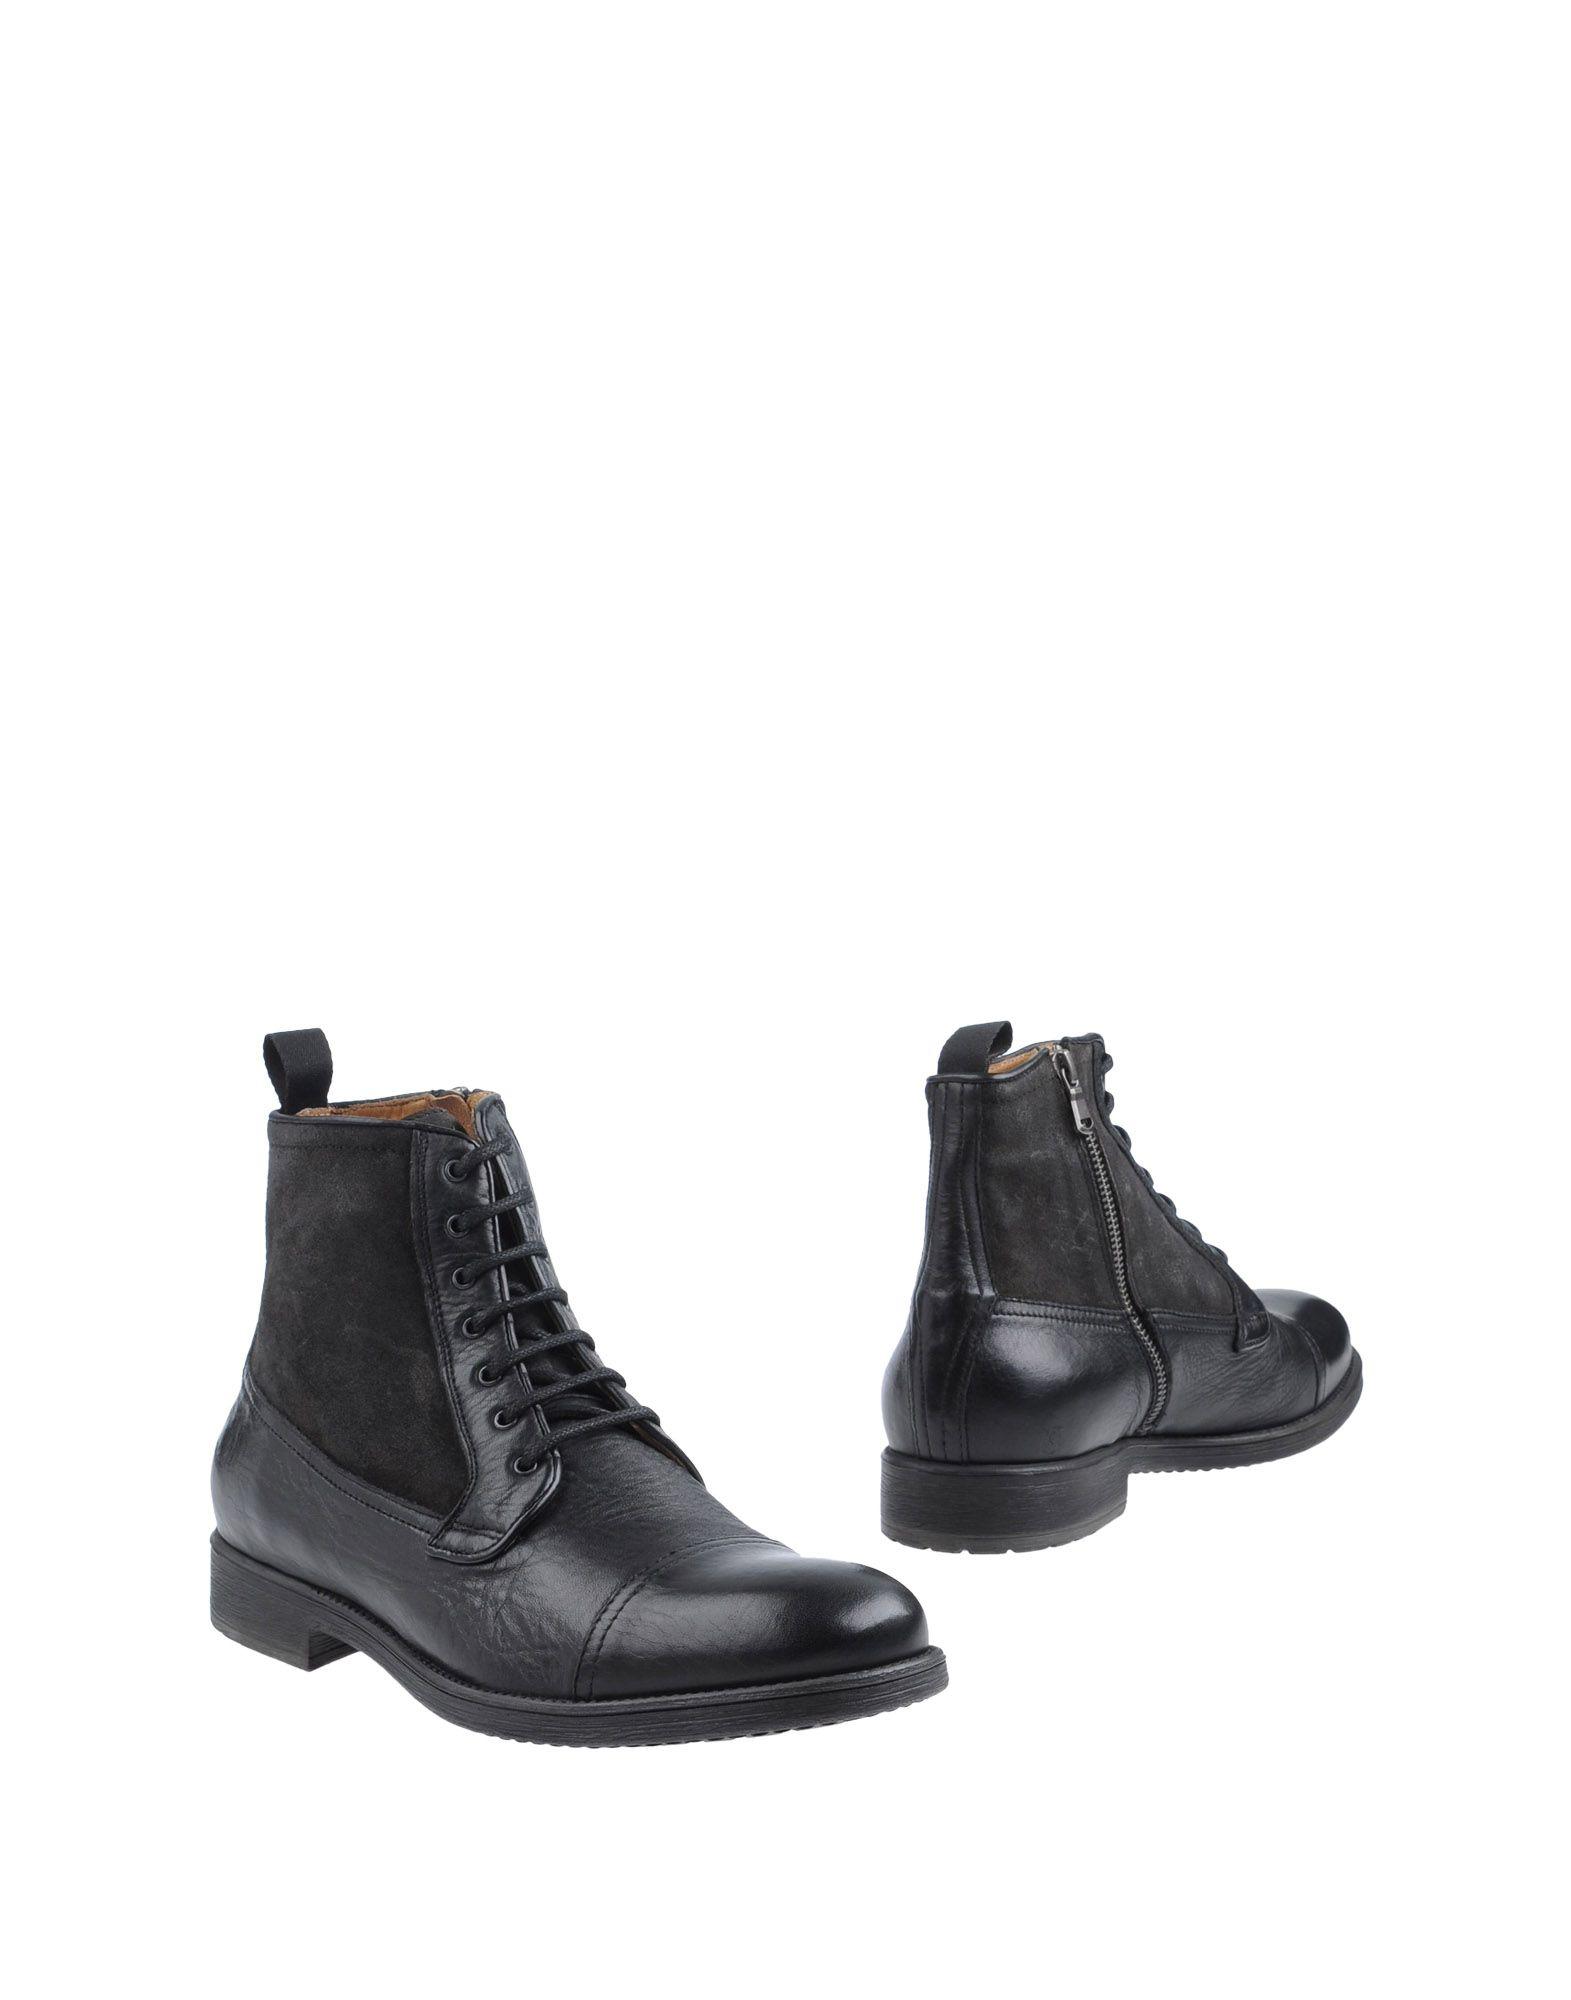 Geox Stiefelette Herren  Heiße 11315450QP Heiße  Schuhe 042e2f